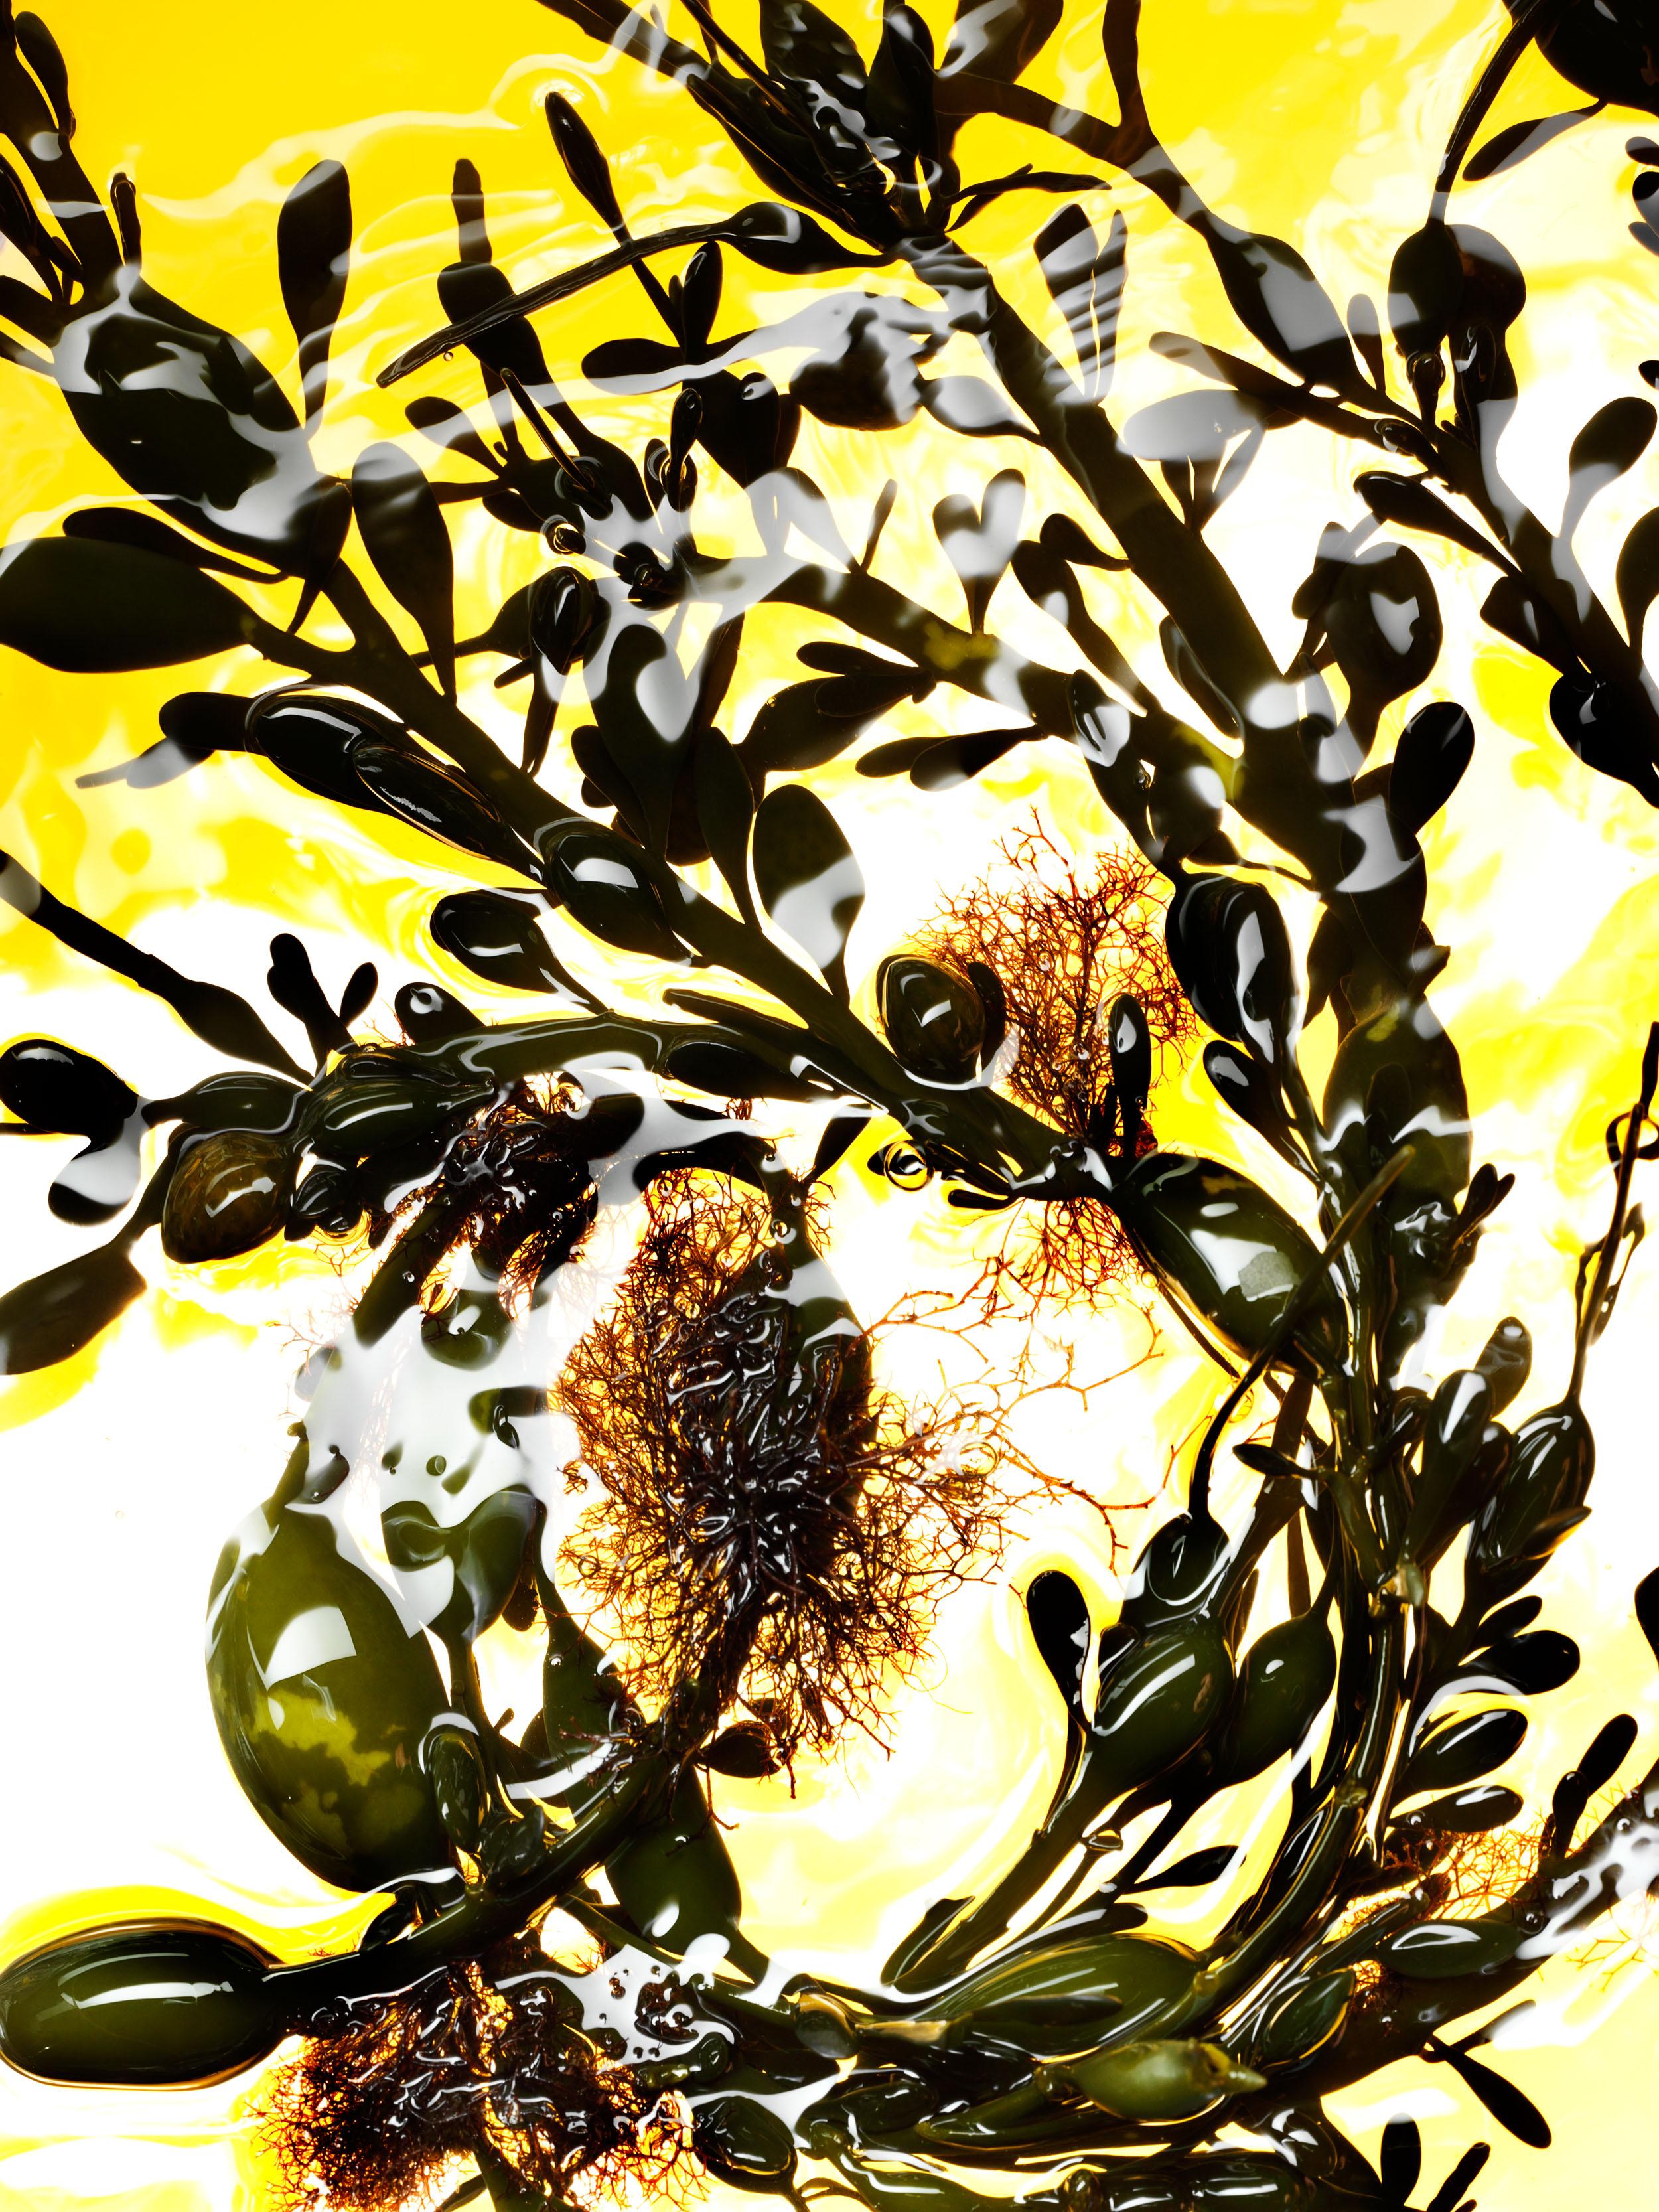 seaweed_5_445.jpg